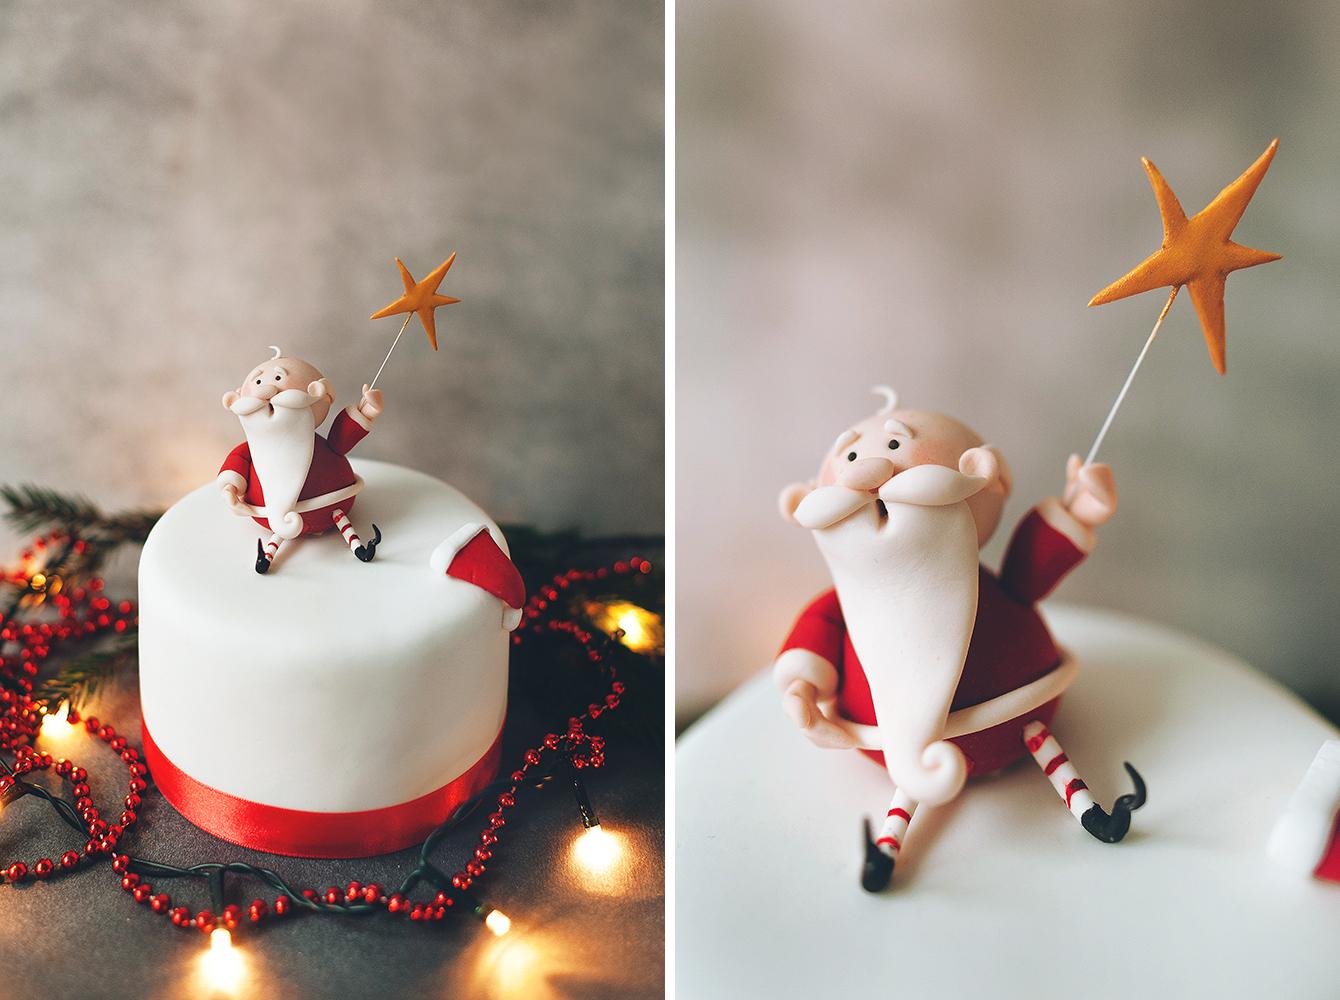 Торт на Новый год с Дедом Морозом. МаленькийФруткейк. Вес 1 кг, стоимость 4000 рублей  Упс! Маленькие фруткейки закончились